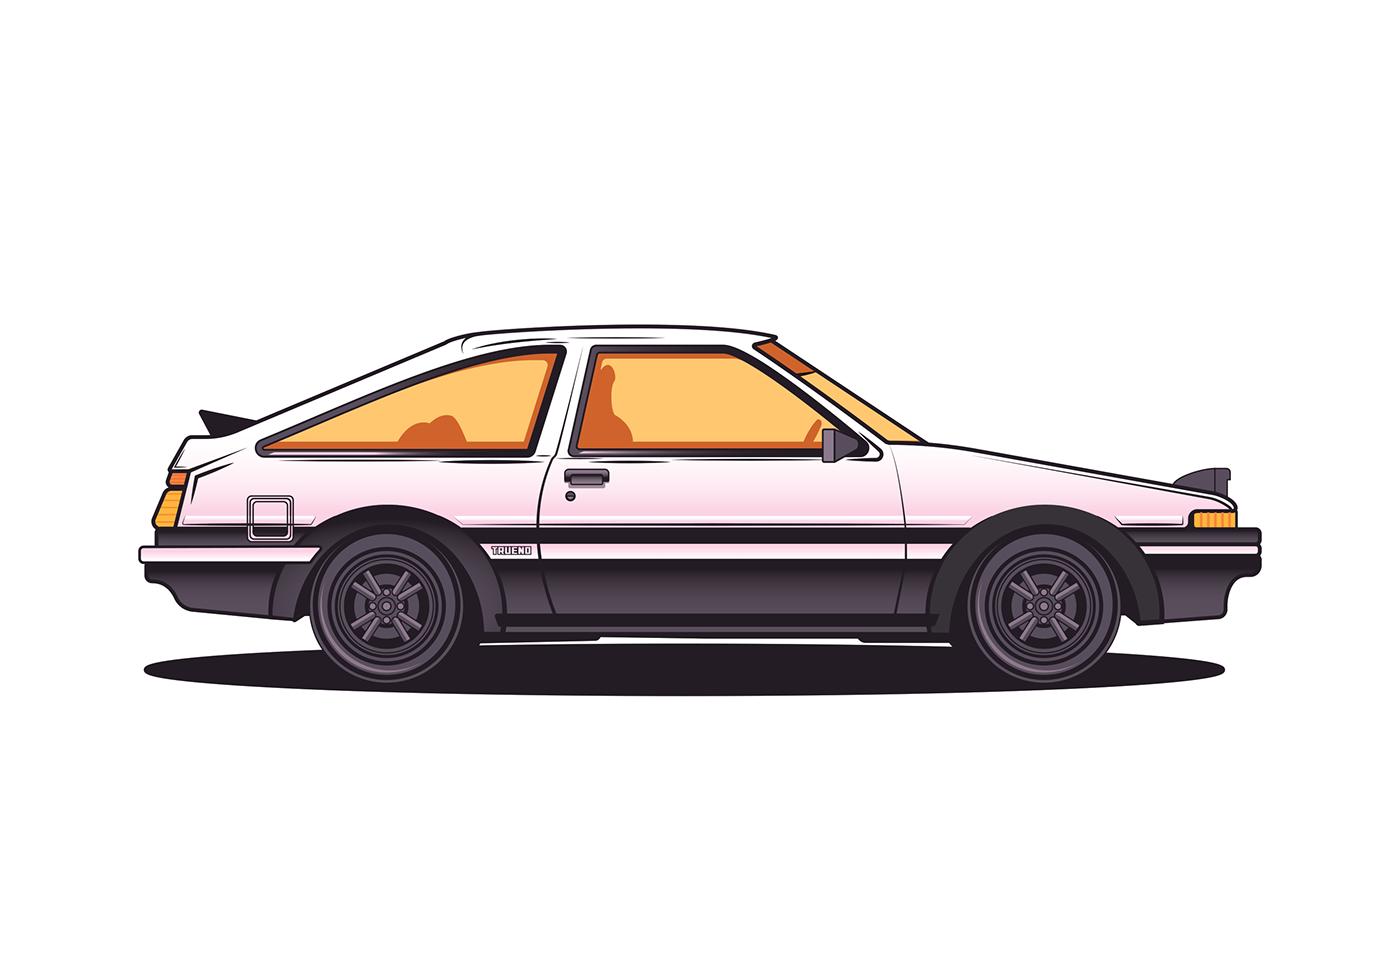 Kelebihan Kekurangan Toyota Ae86 Trueno Perbandingan Harga